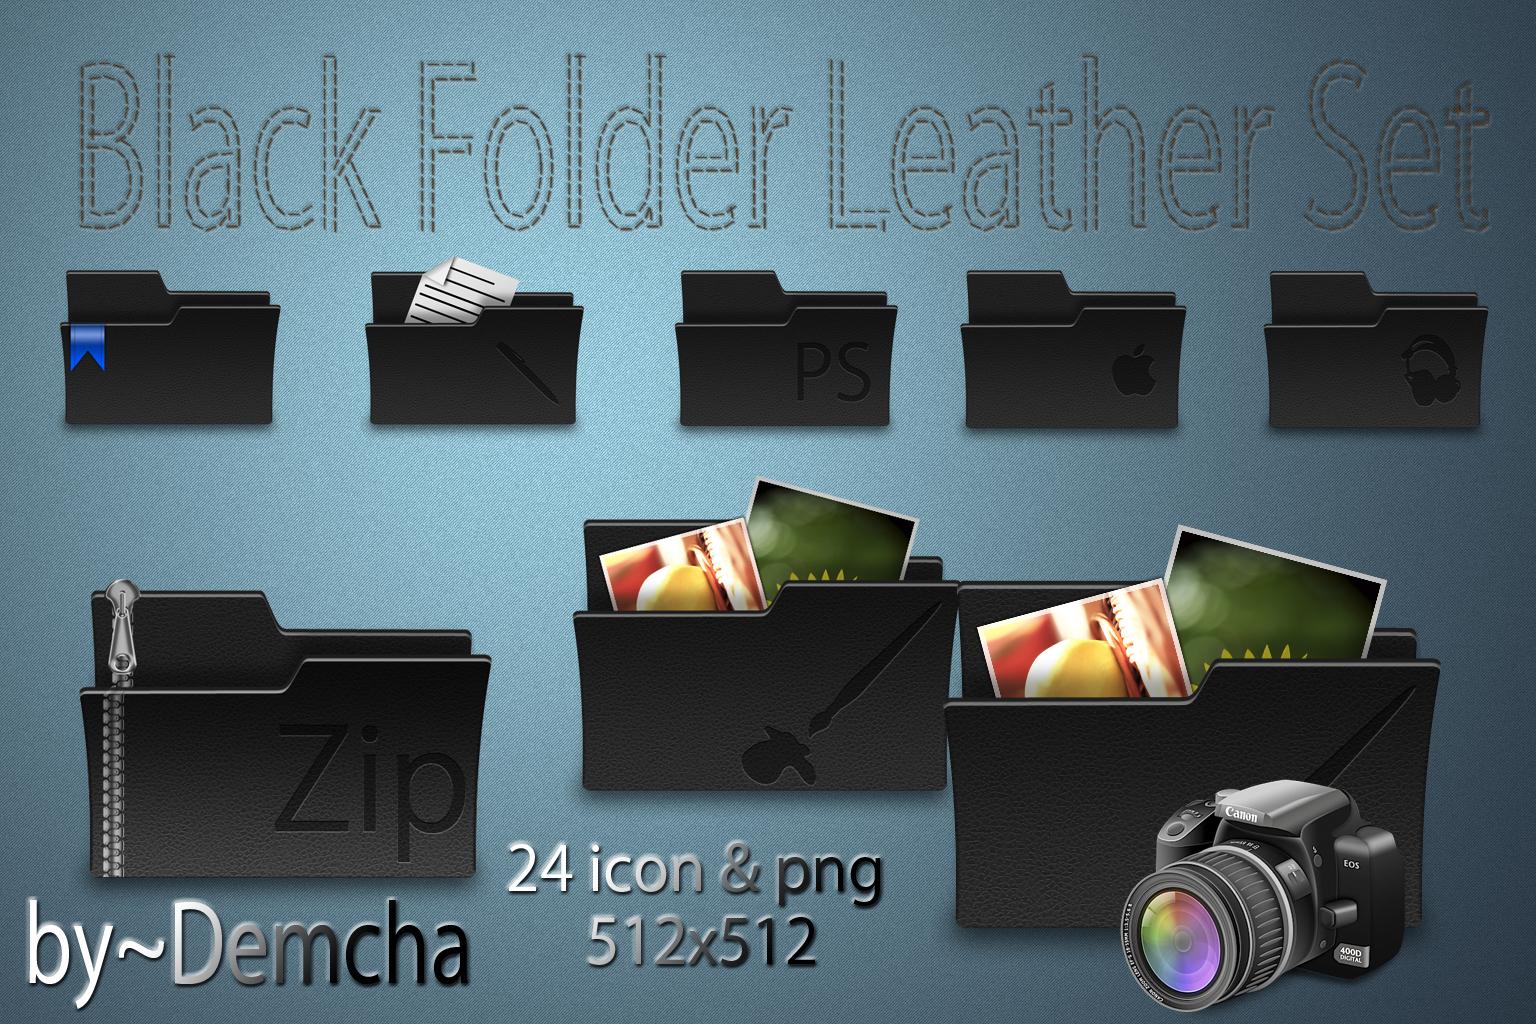 Black Folder Leather Set